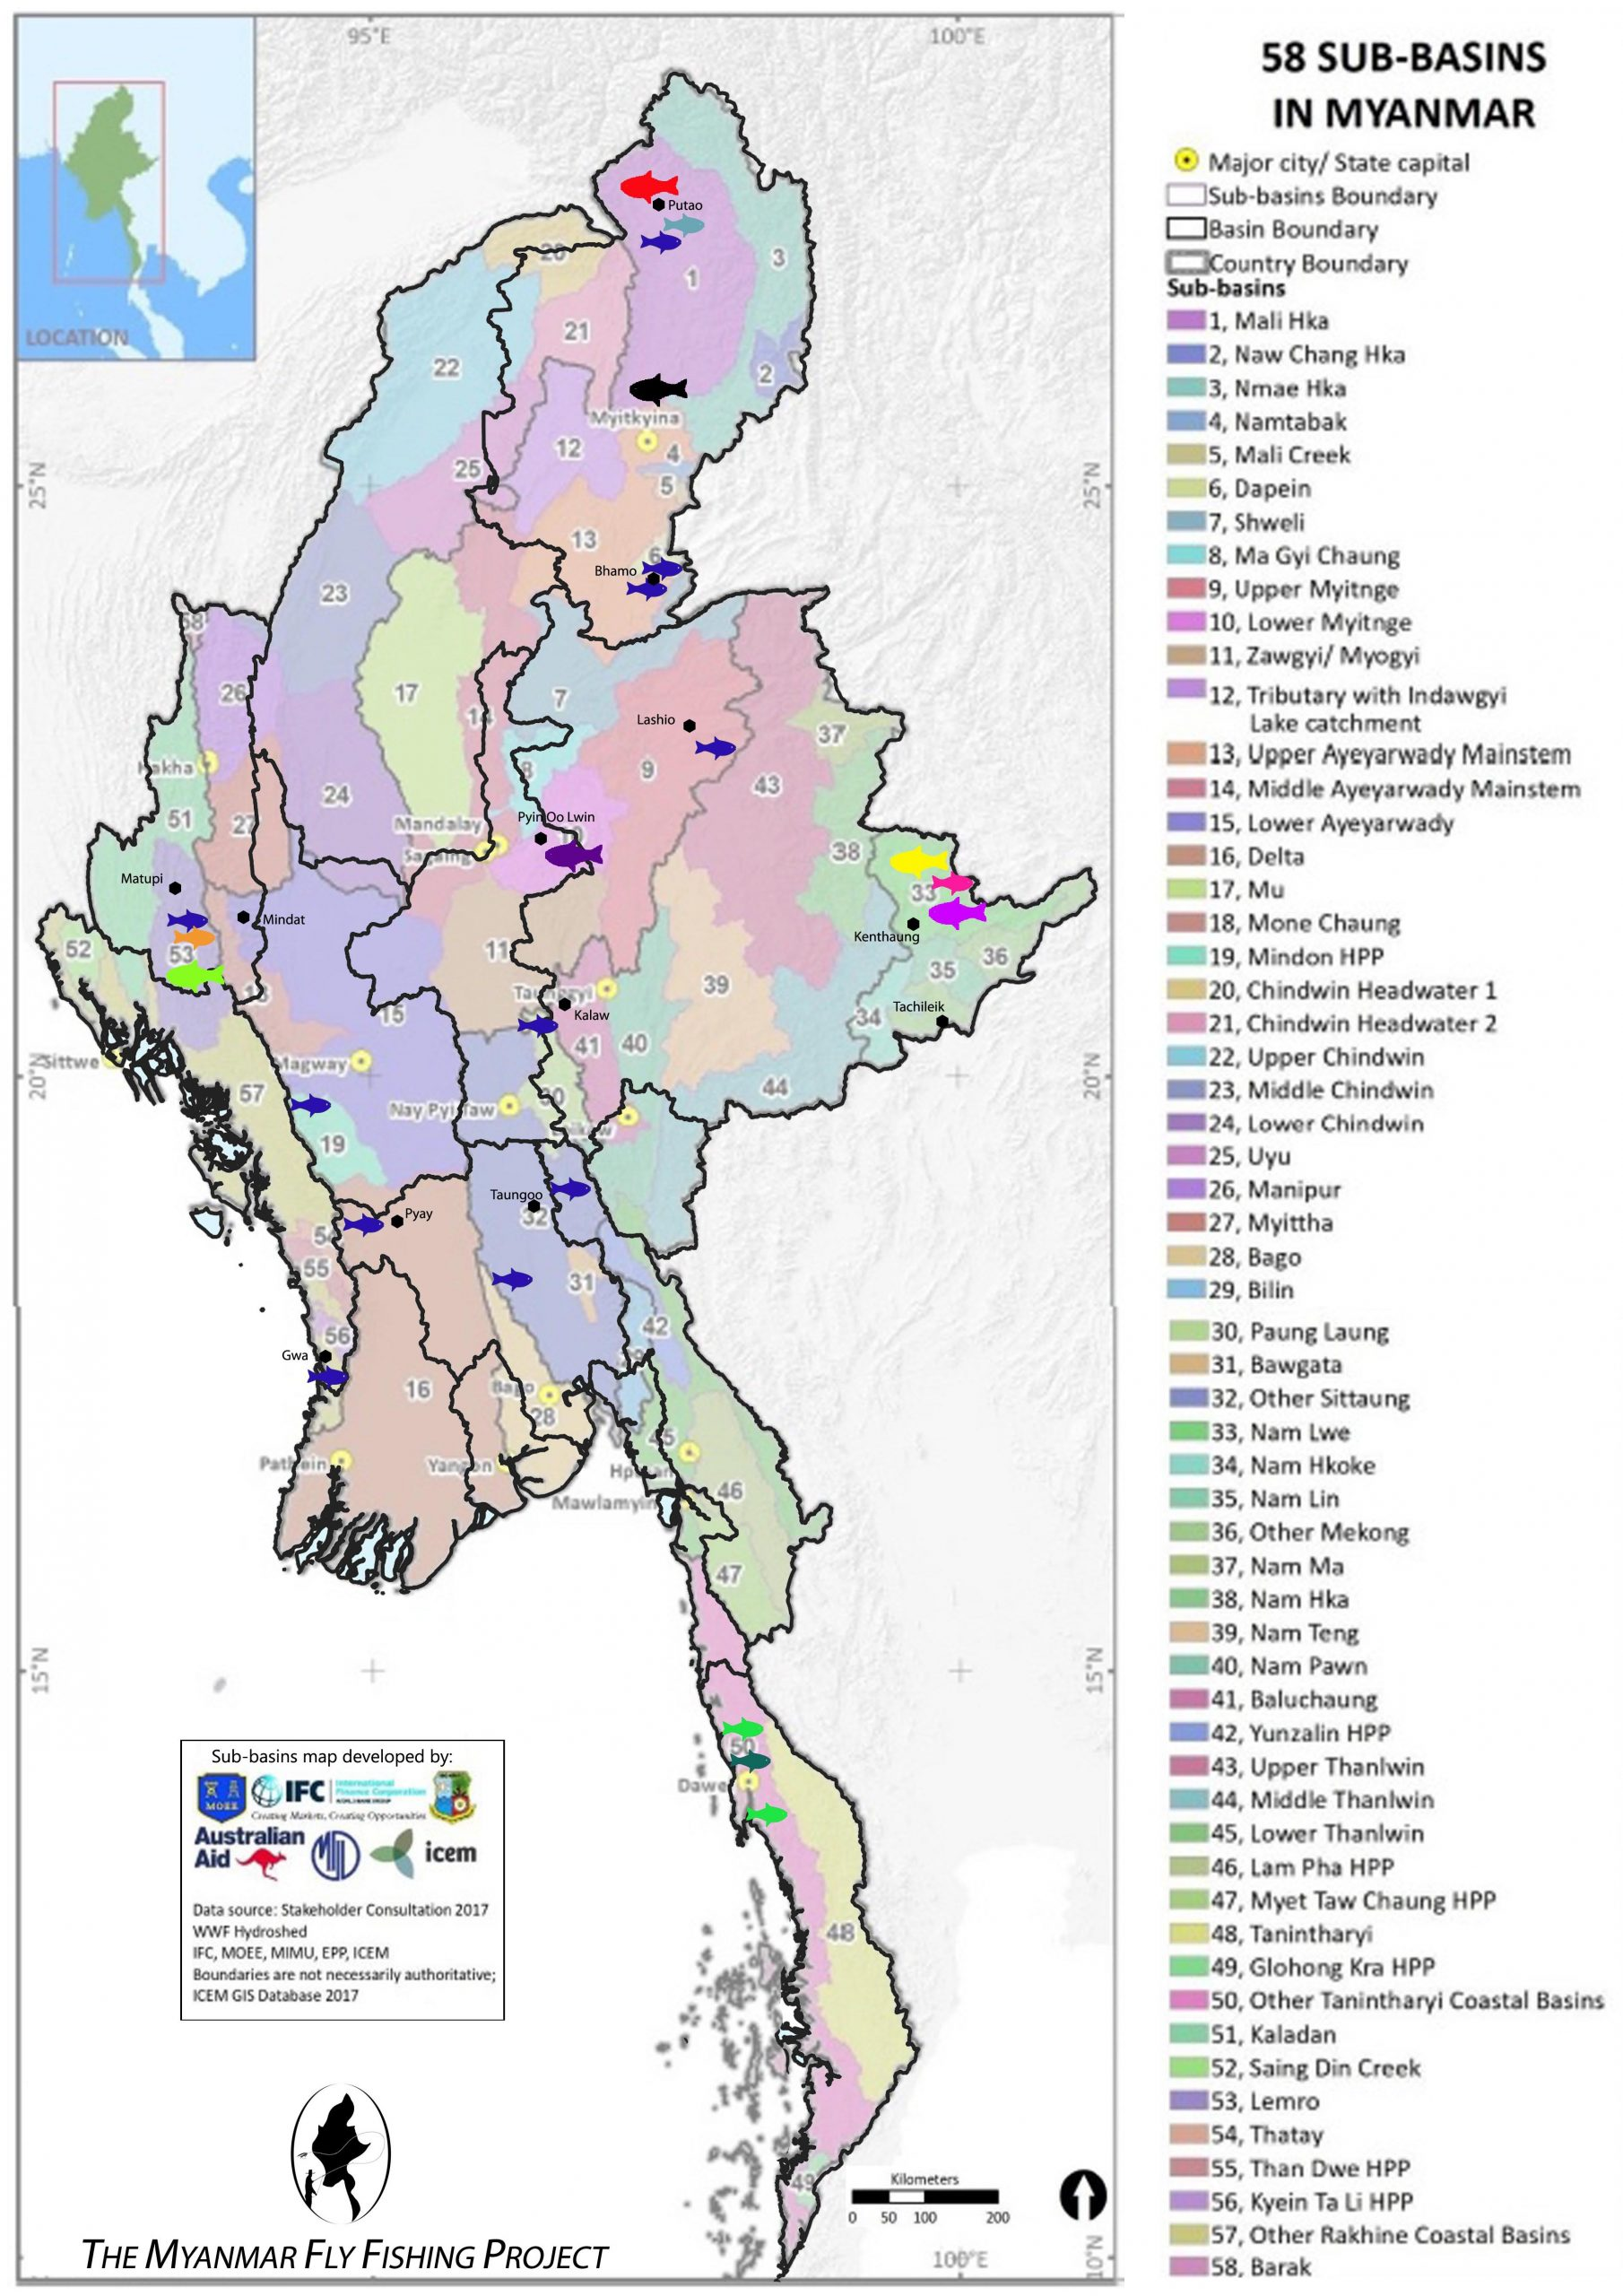 Mahseer Species Distribution across Myanmar